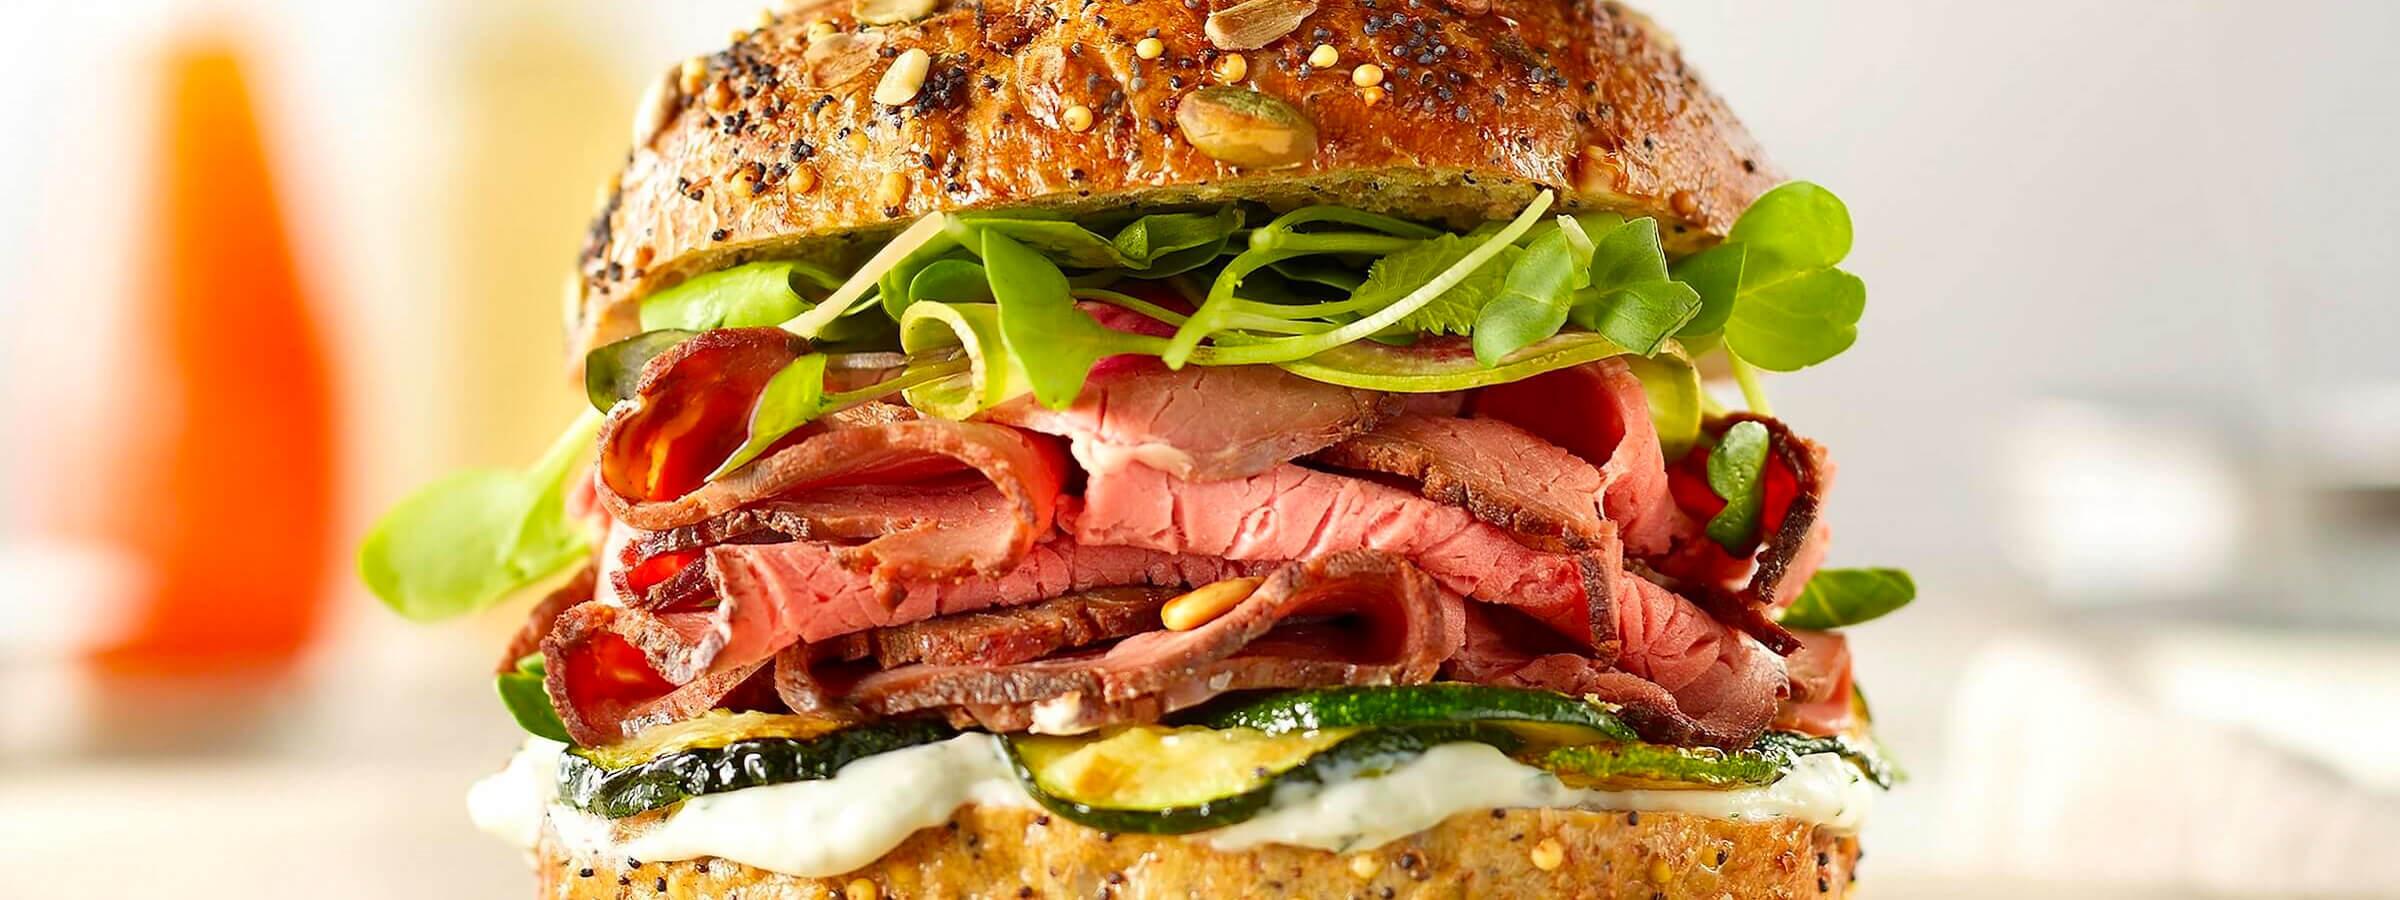 A closeup shot of a roast beef sandwich